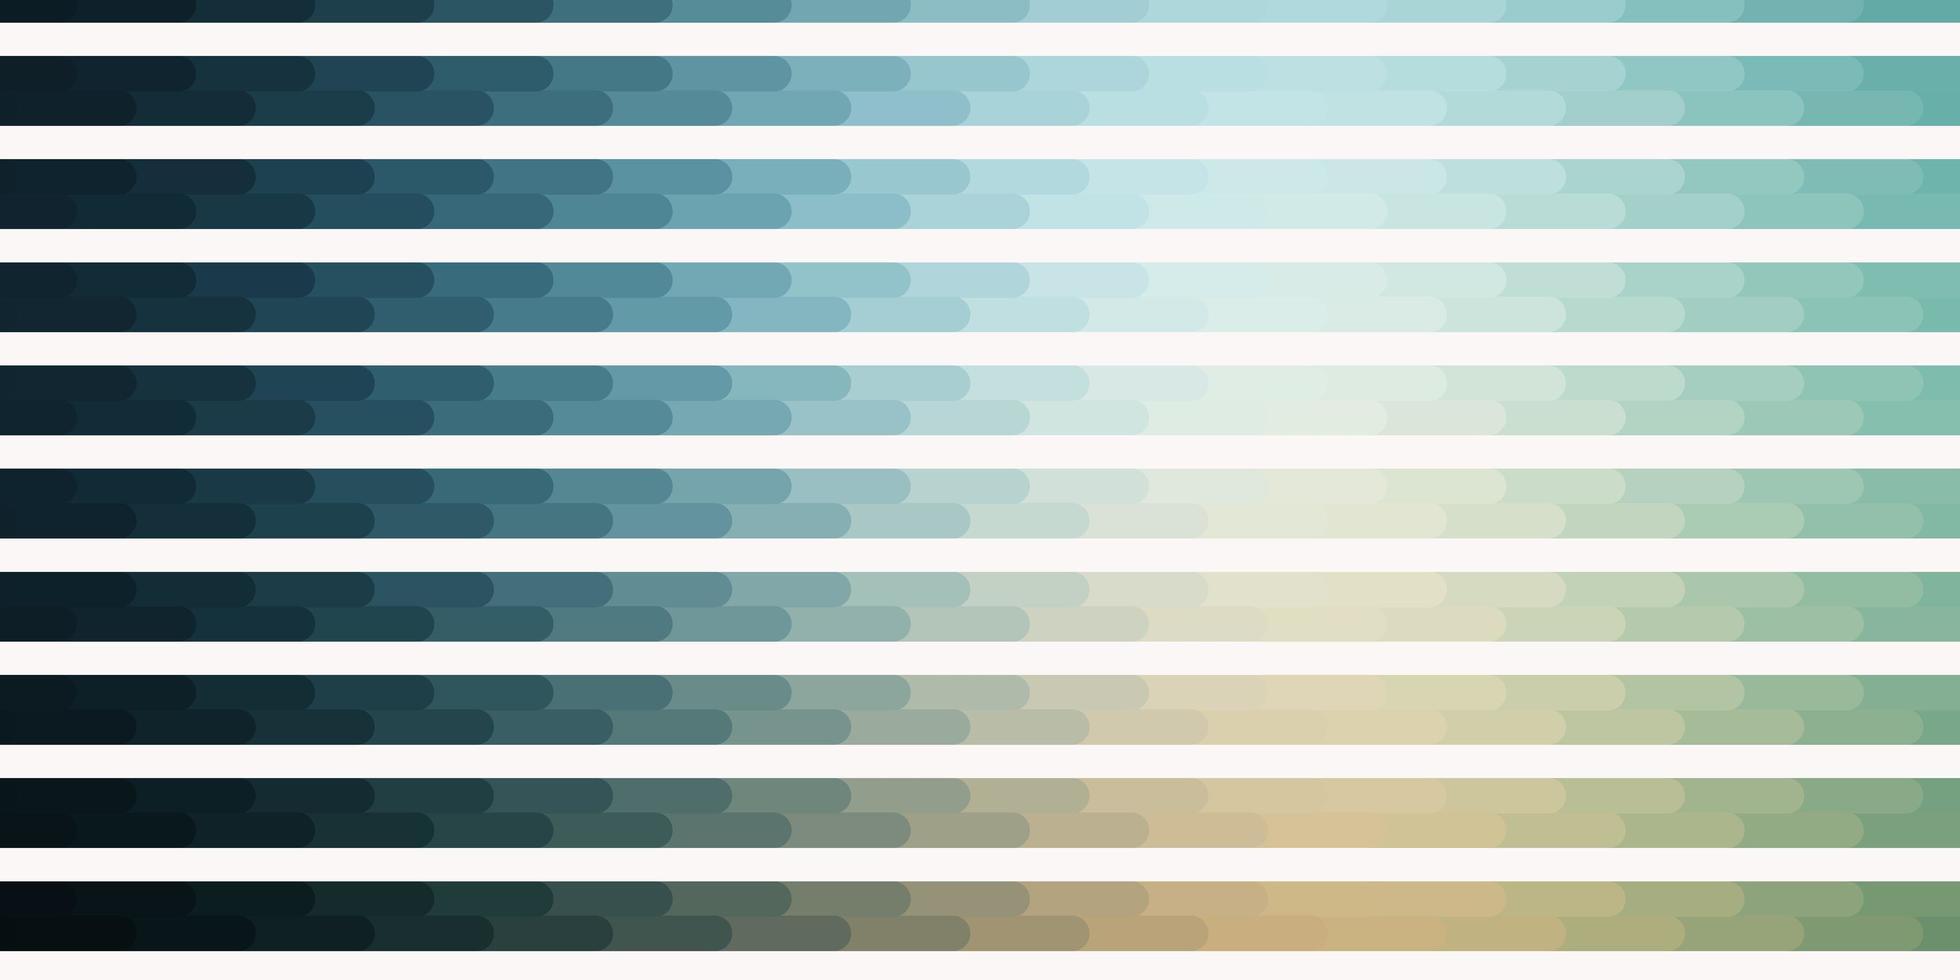 padrão verde com linhas. vetor